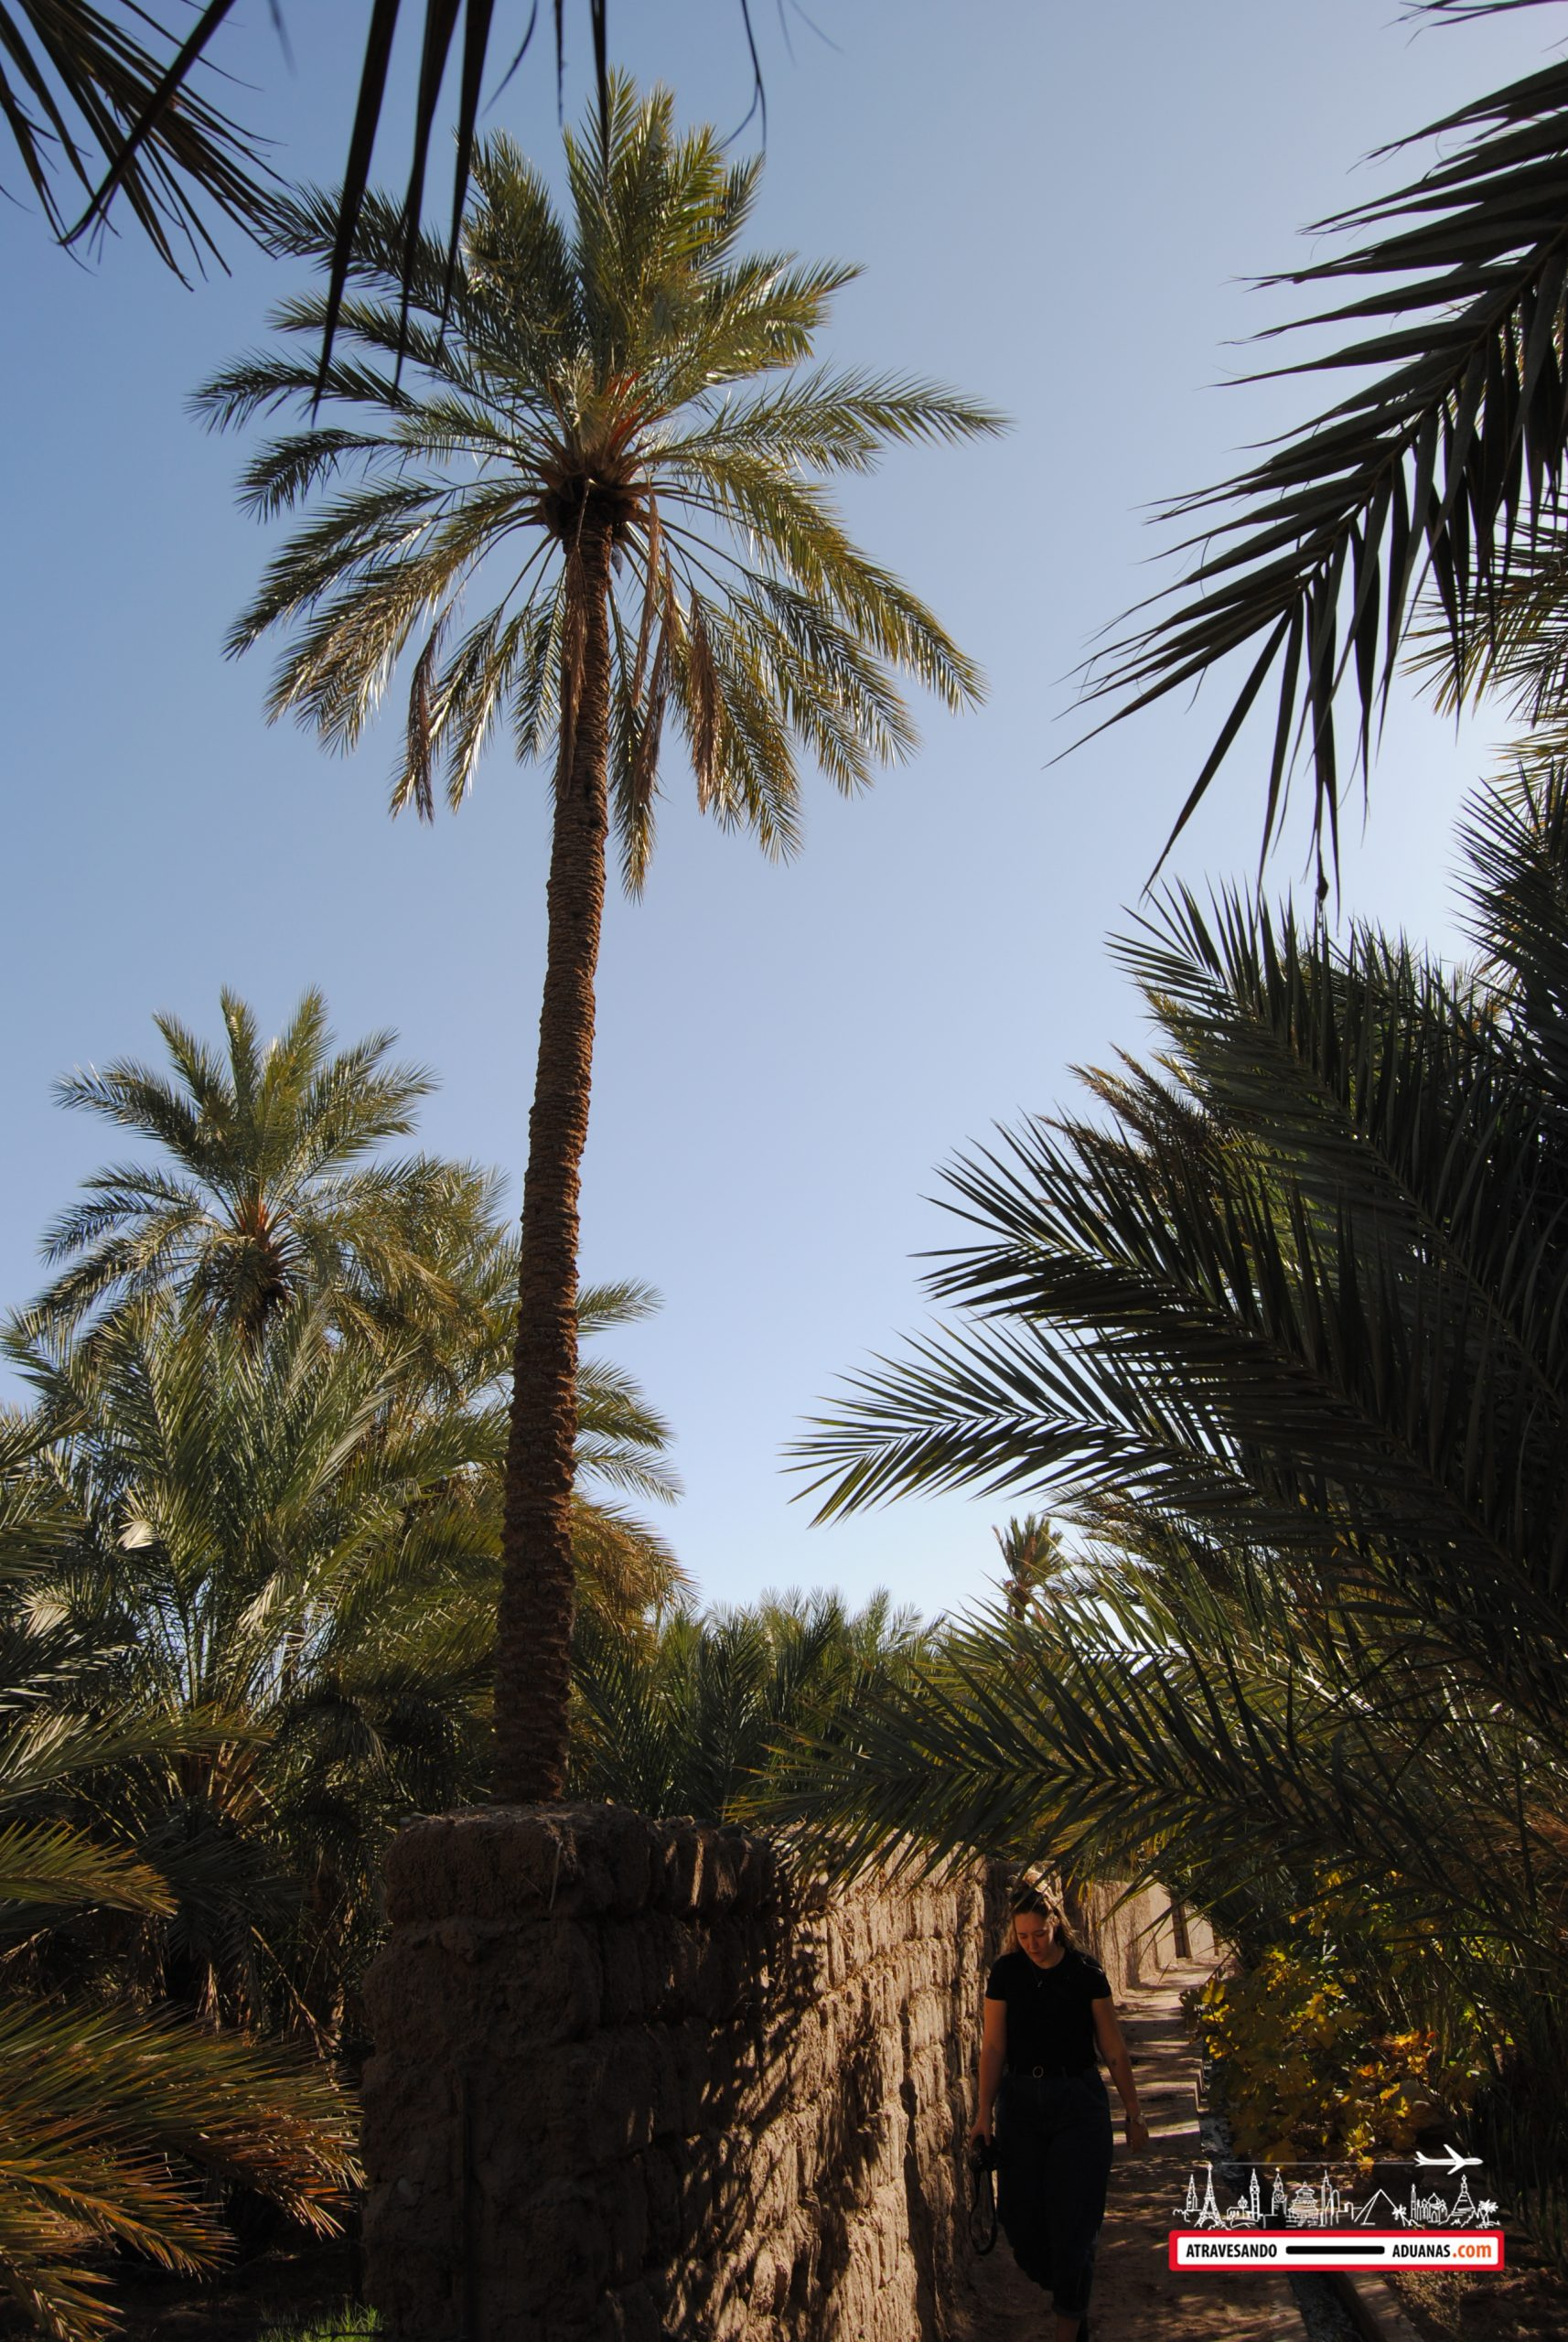 palmeral de figuig, marruecos